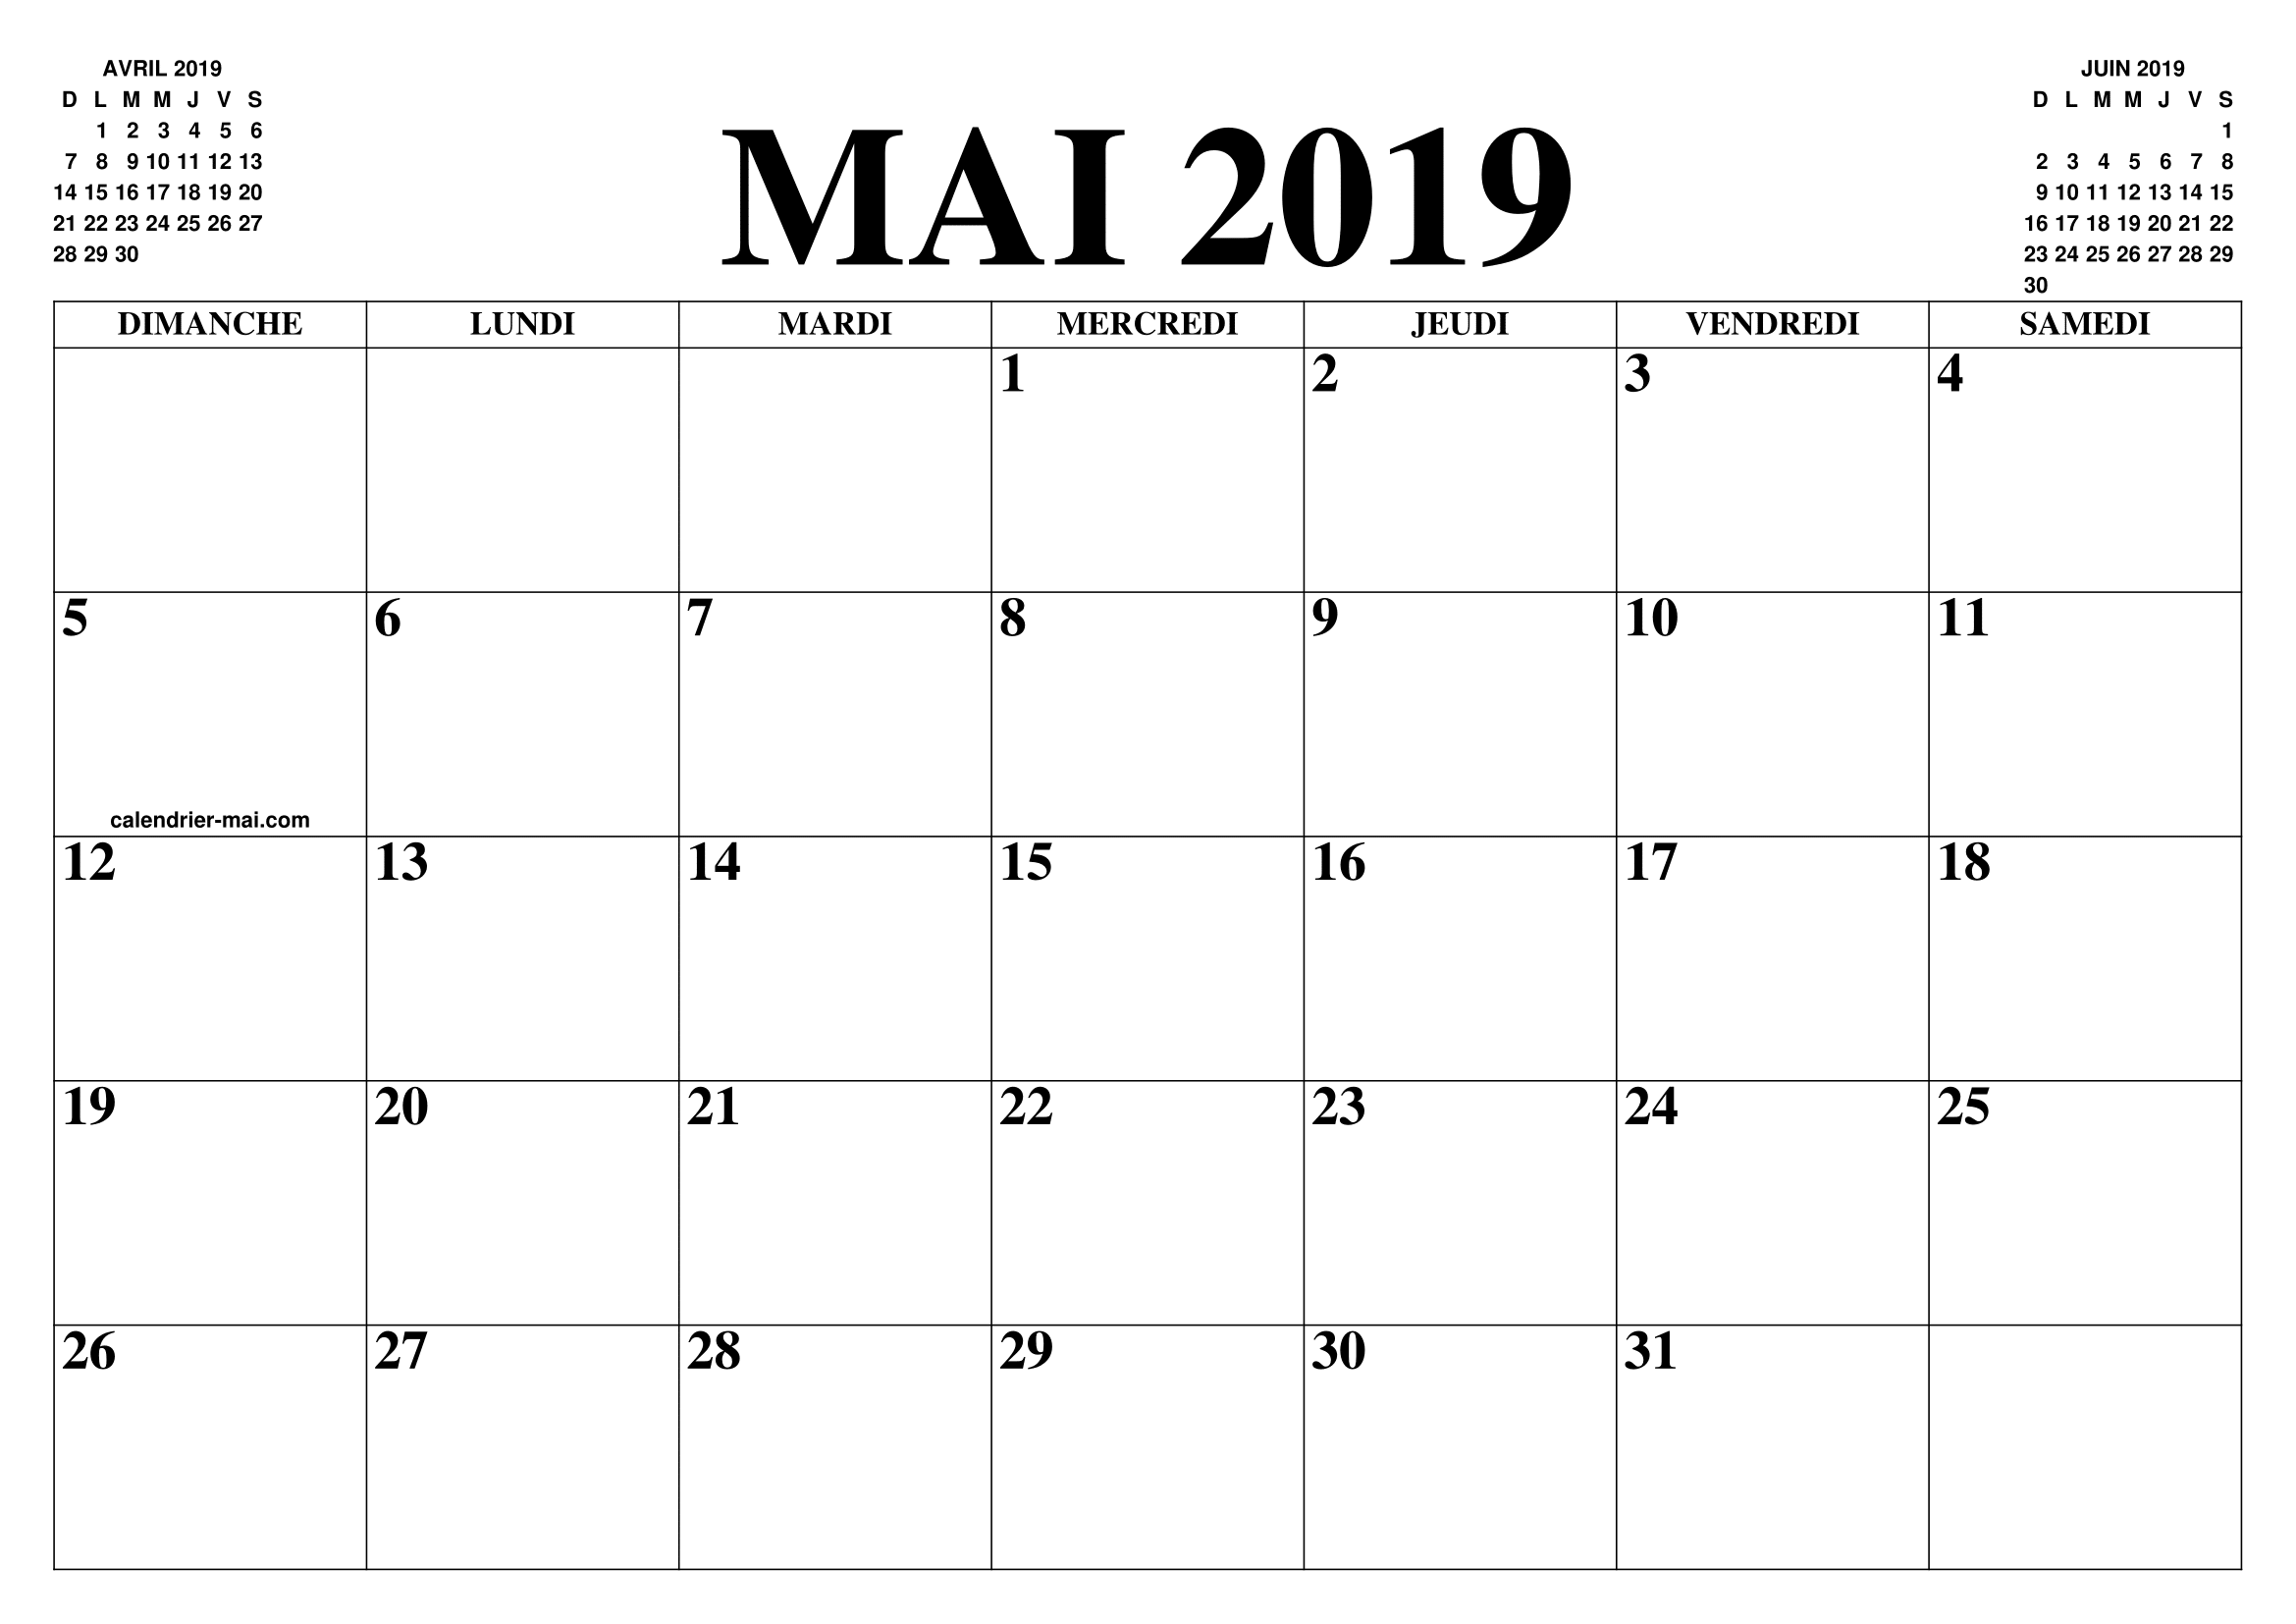 Calendrier Mai2019.Calendrier Mai 2019 2020 Le Calendrier Du Mois De Mai